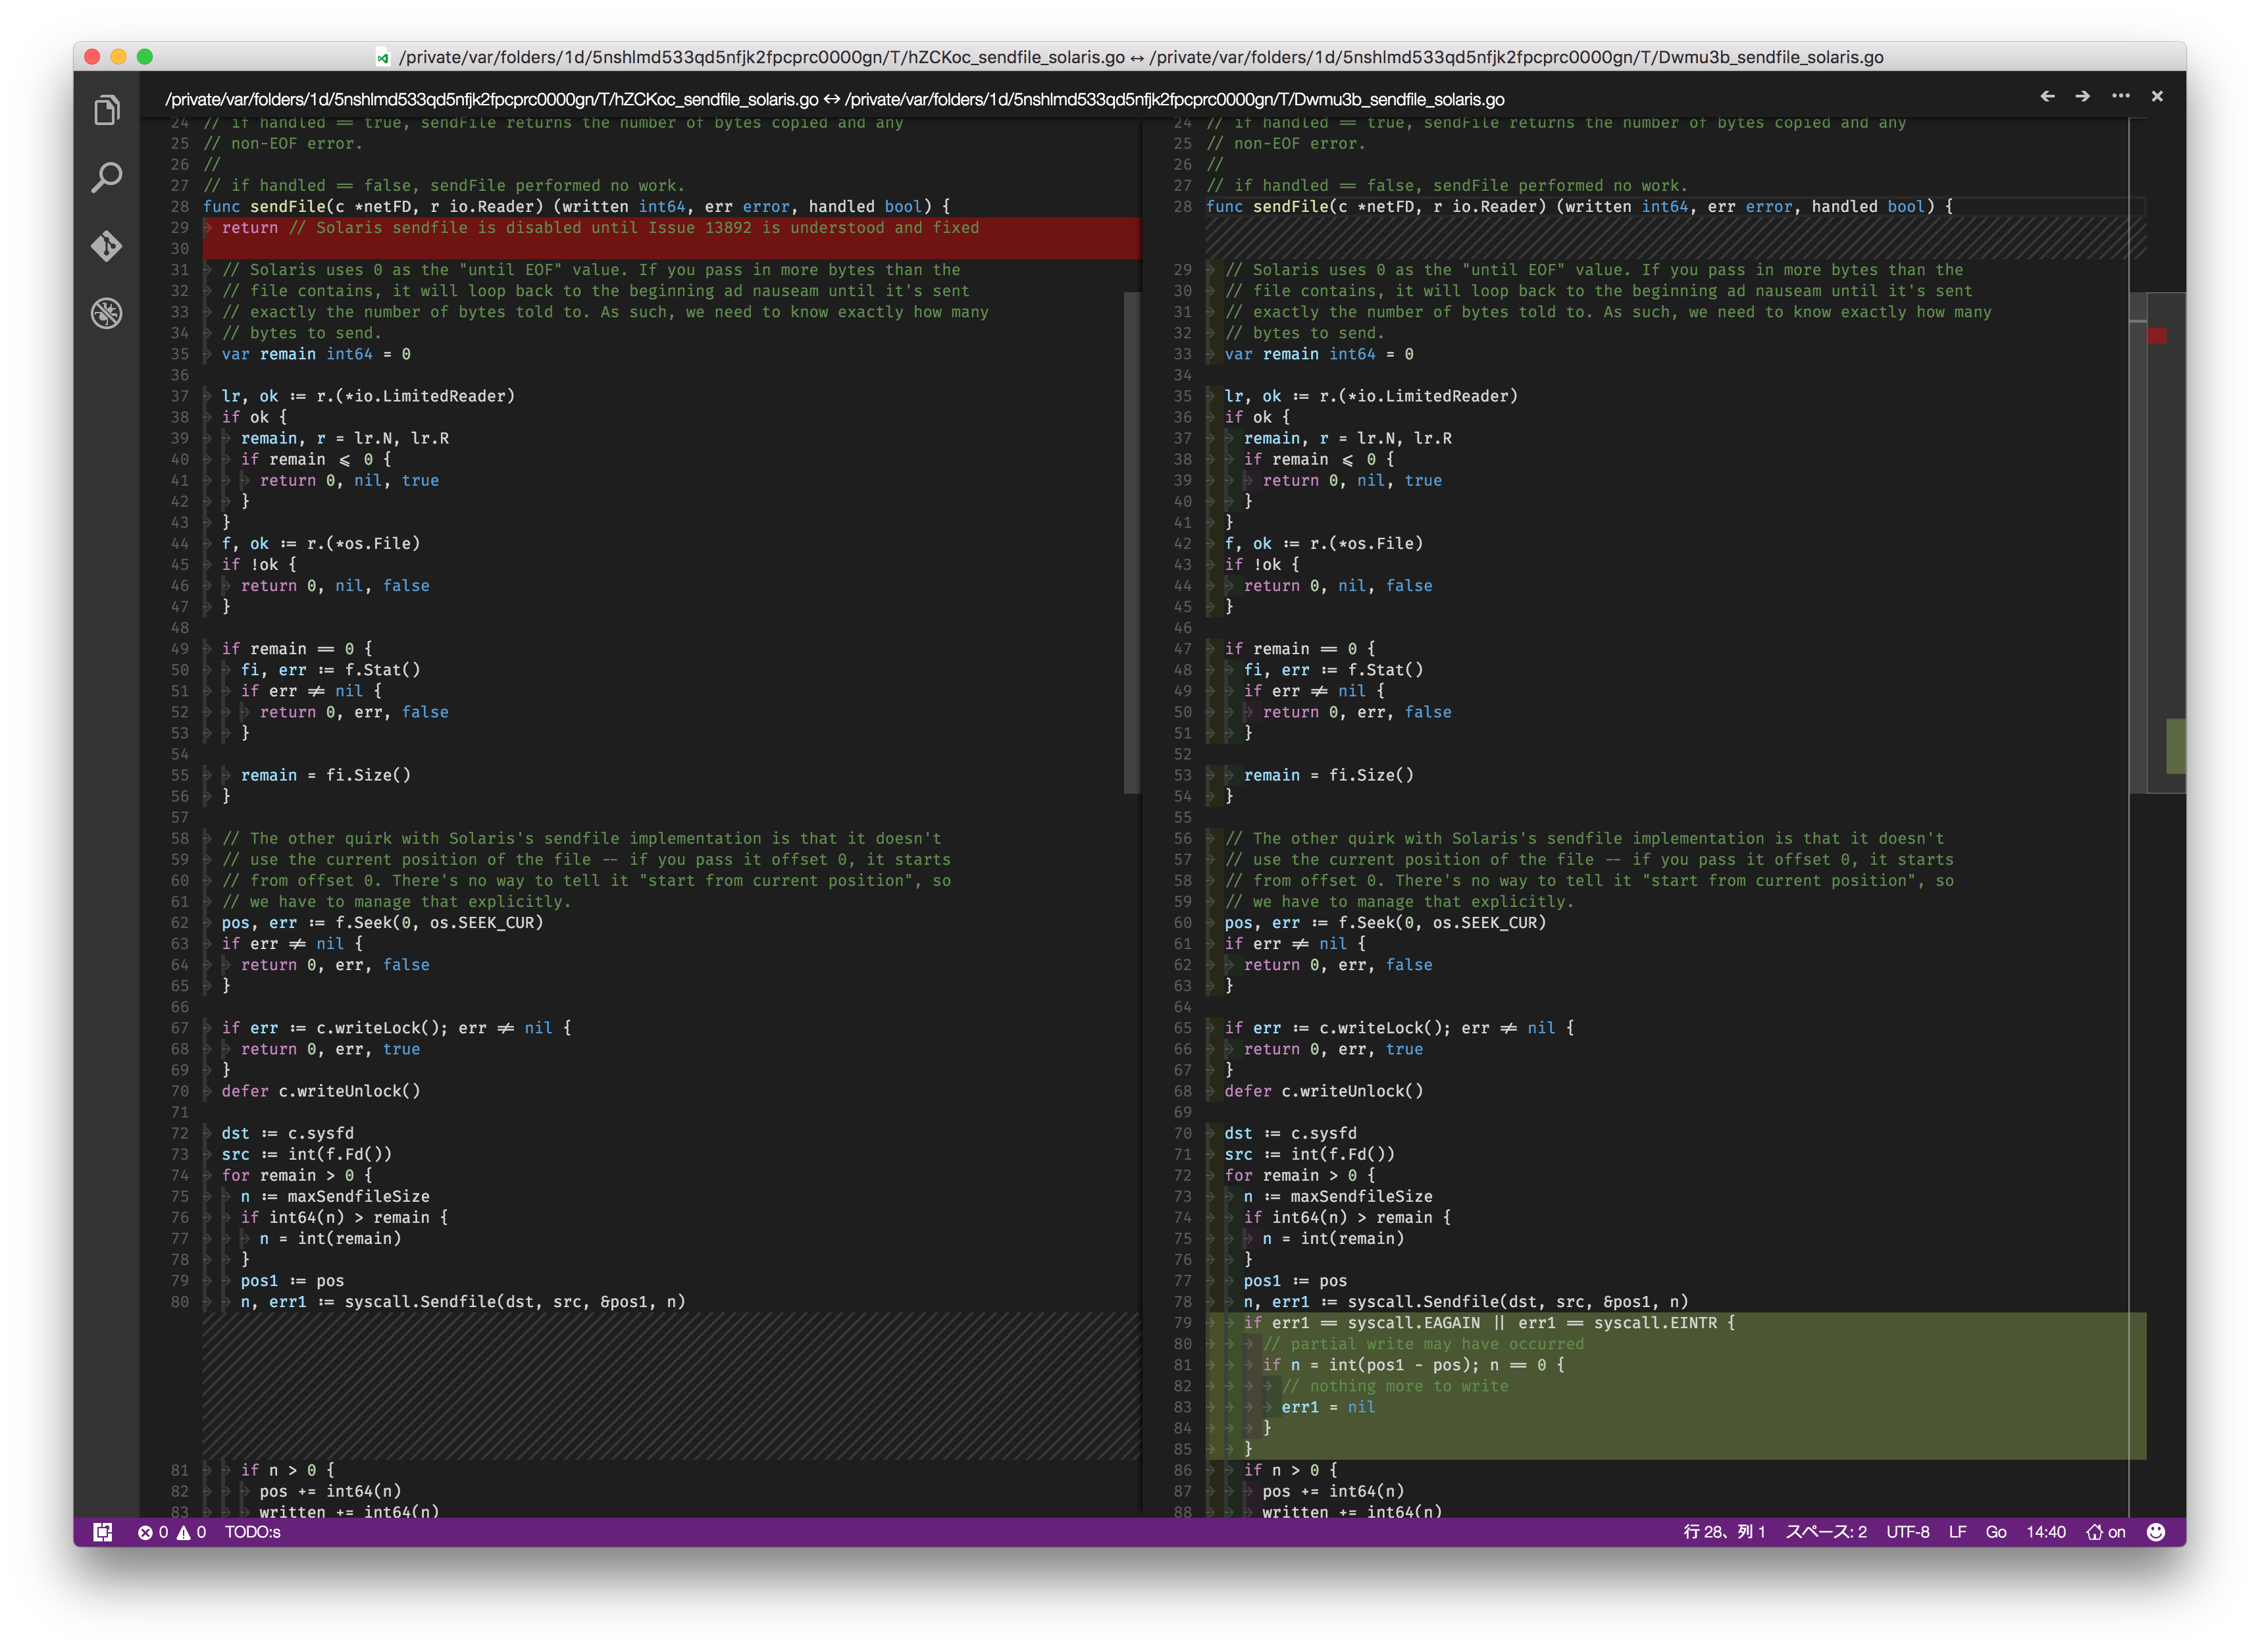 外部エディタ/Diff ツール(差分表示ツール)としての Visual